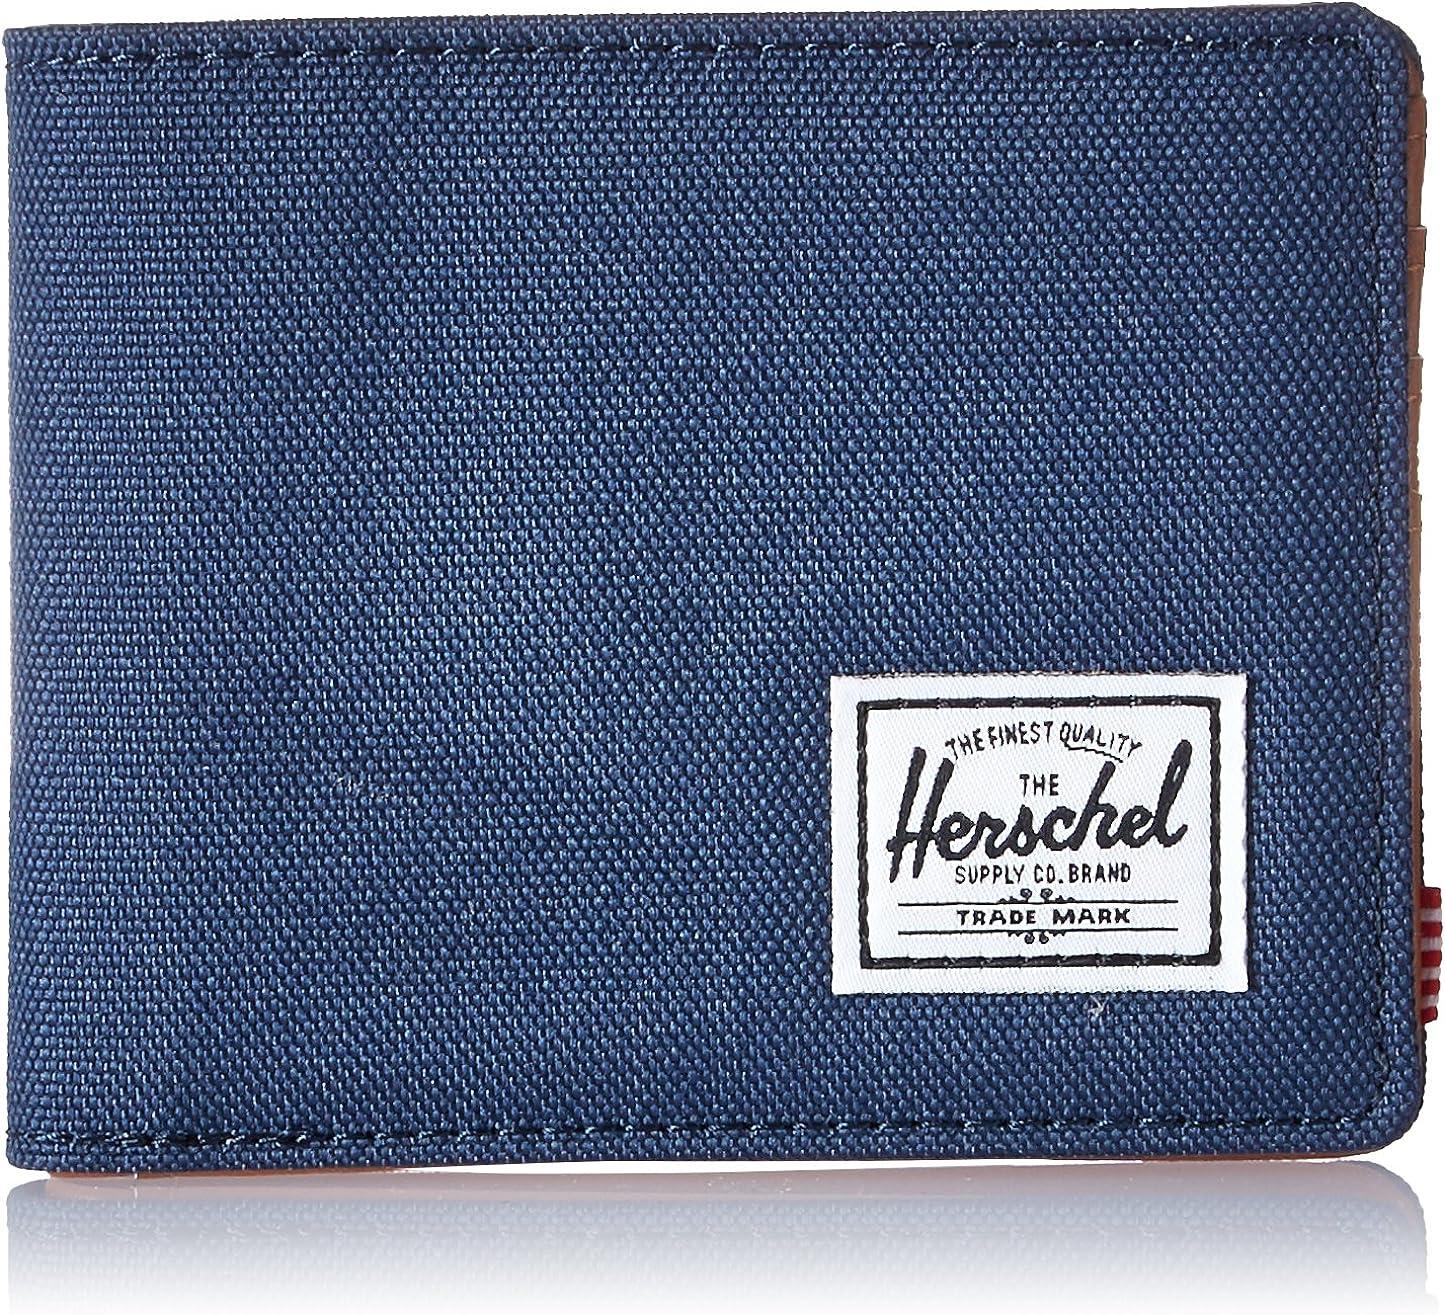 Herschel Supply Co. Cartera para Hombre Cuero sintético Azul Marino/Bronceado. Taille Unique